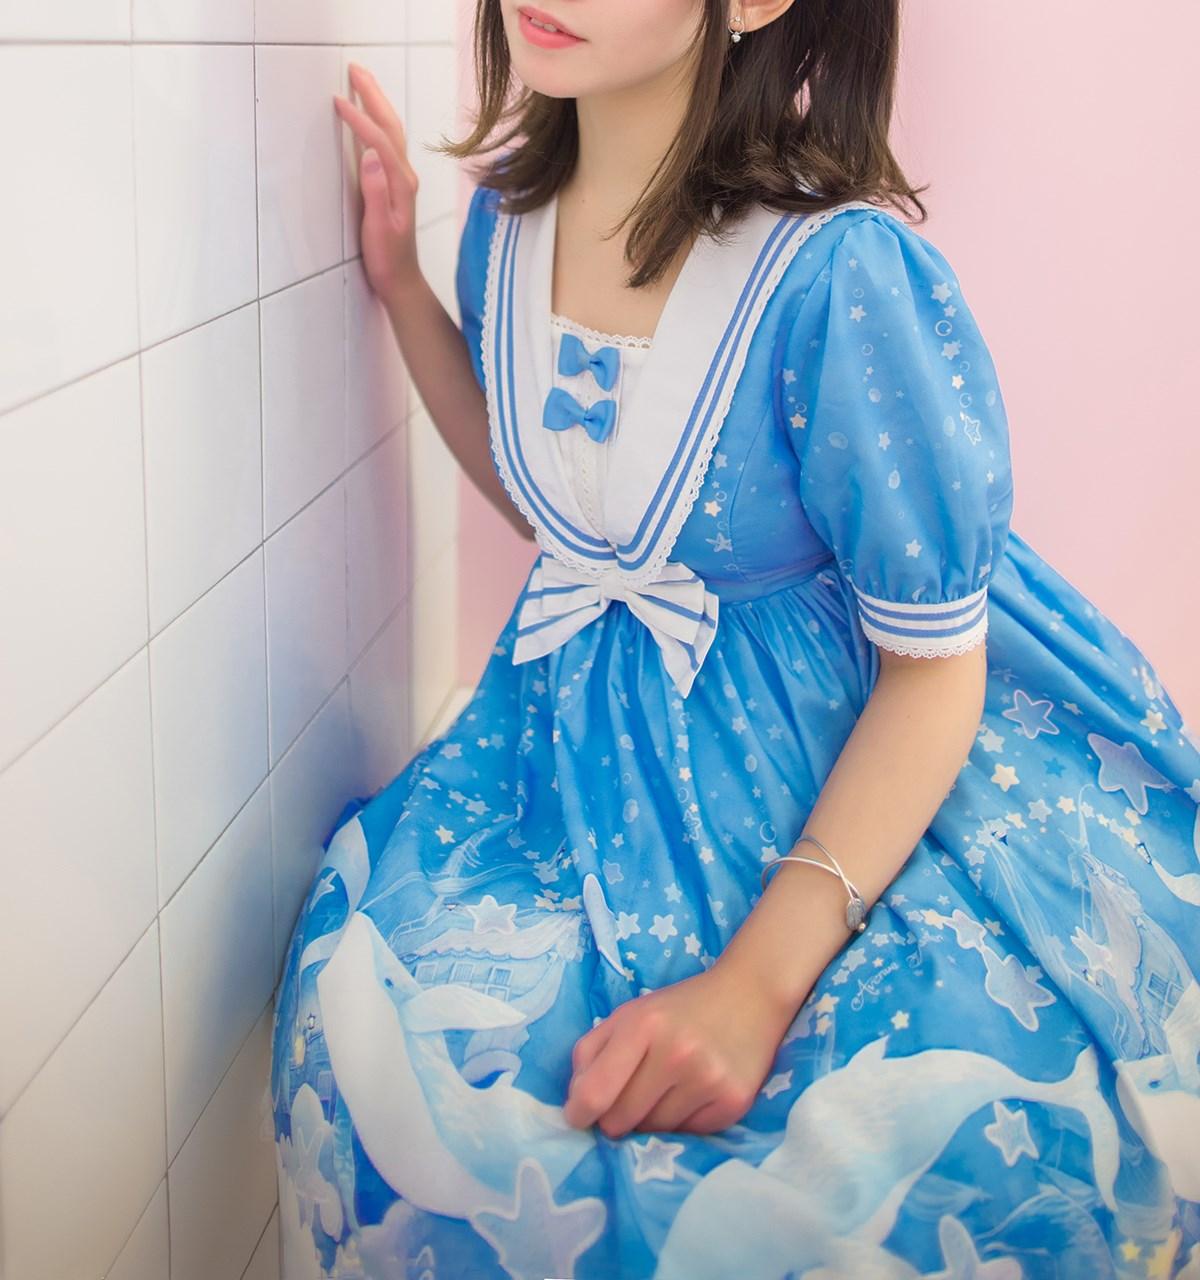 【兔玩映画】蓝色的LO娘 兔玩映画 第53张